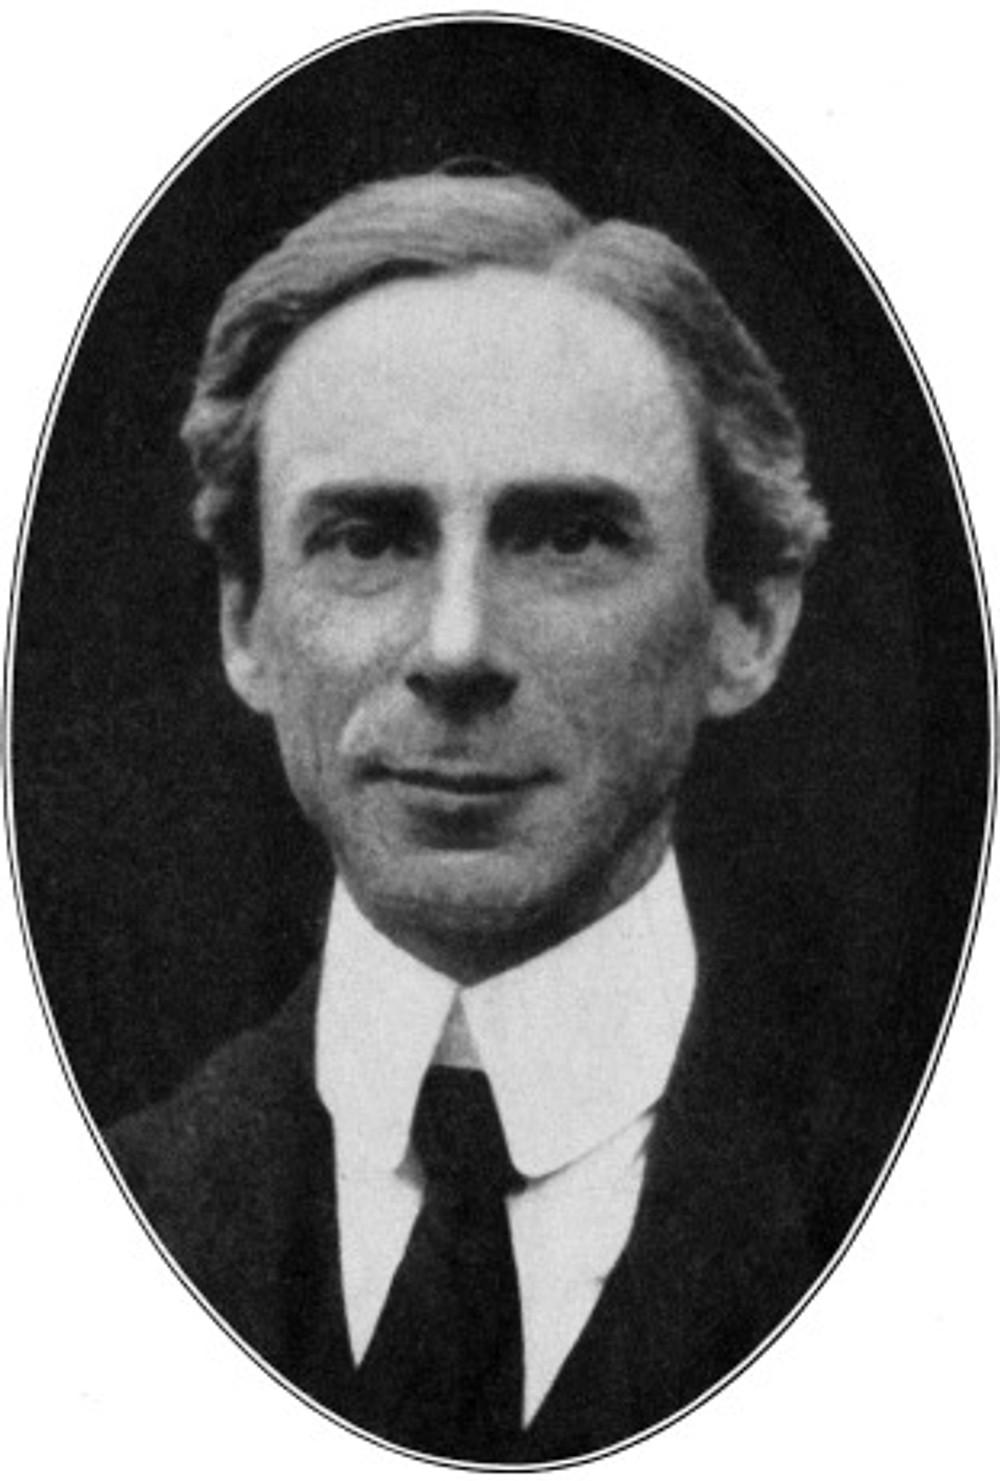 Honourable_Bertrand_Russell